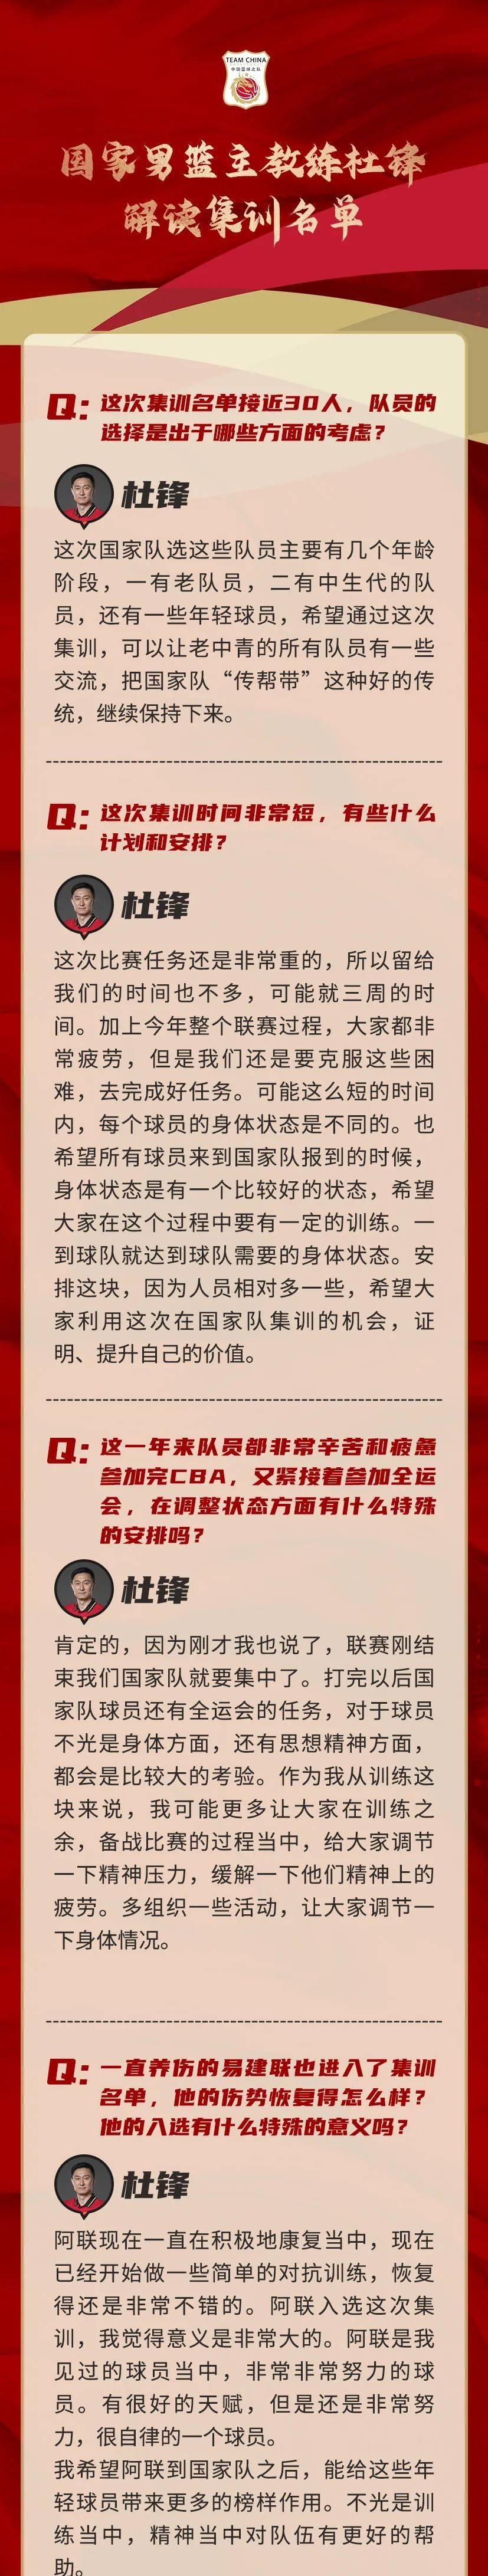 杜锋解读男篮名单:老中青三代结合 阿联入选有榜样意义